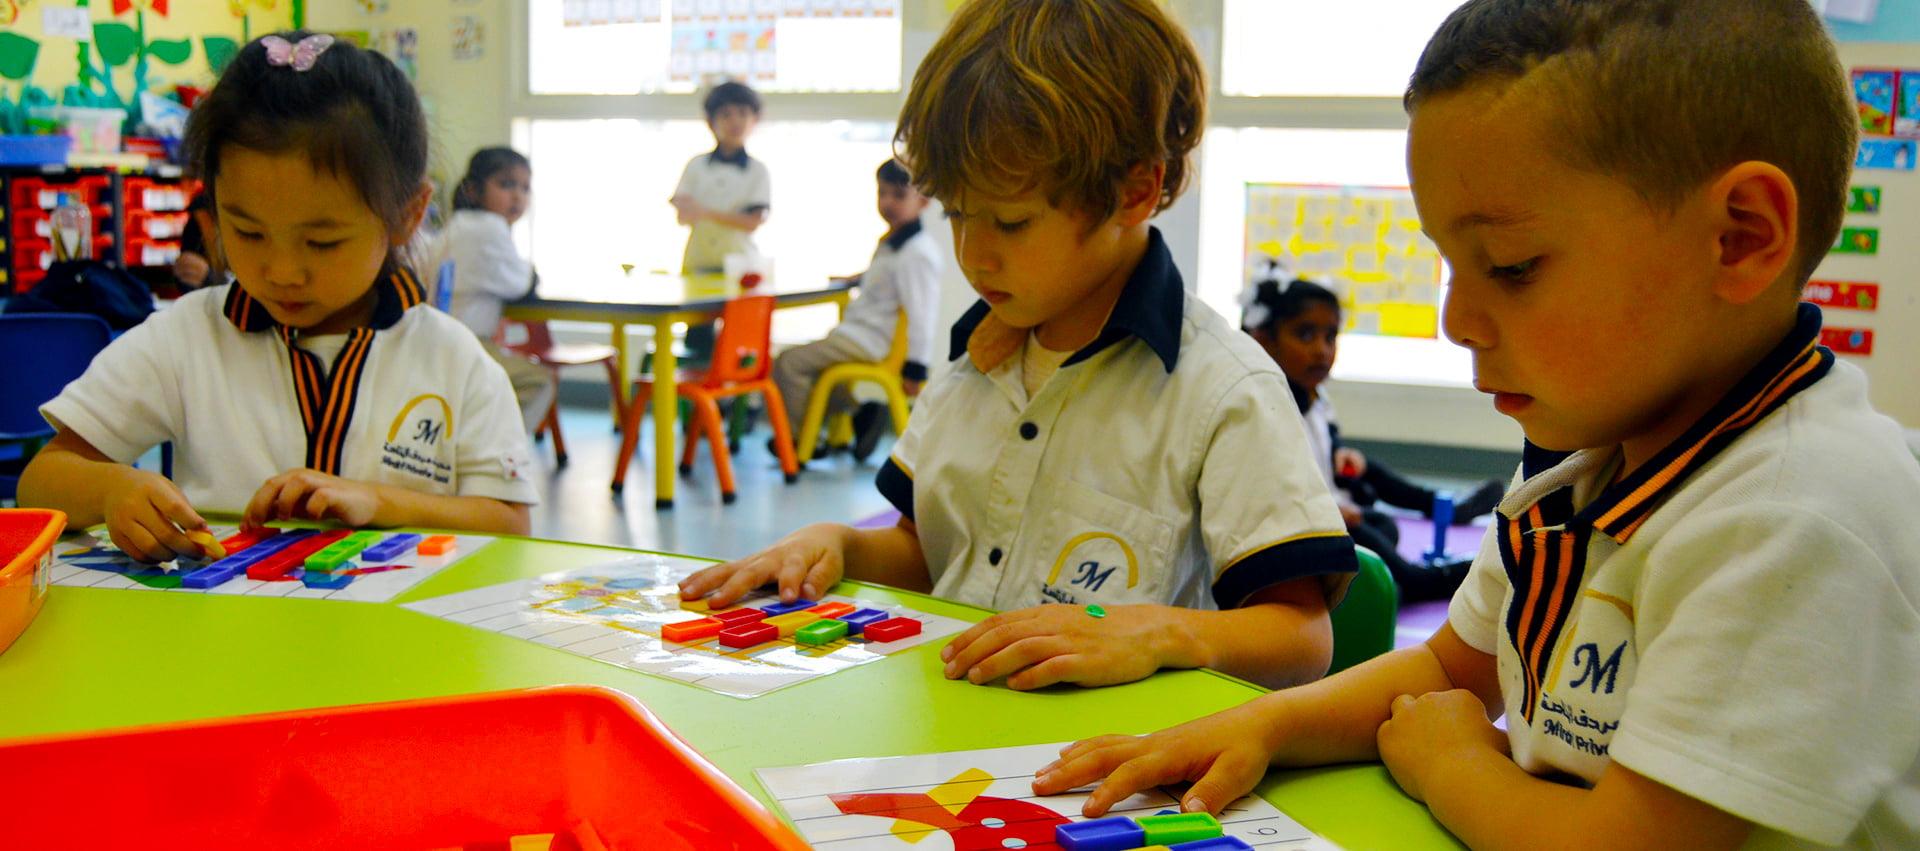 Larawan ng mga bata na natututo sa Mirdif private School sa Dubai